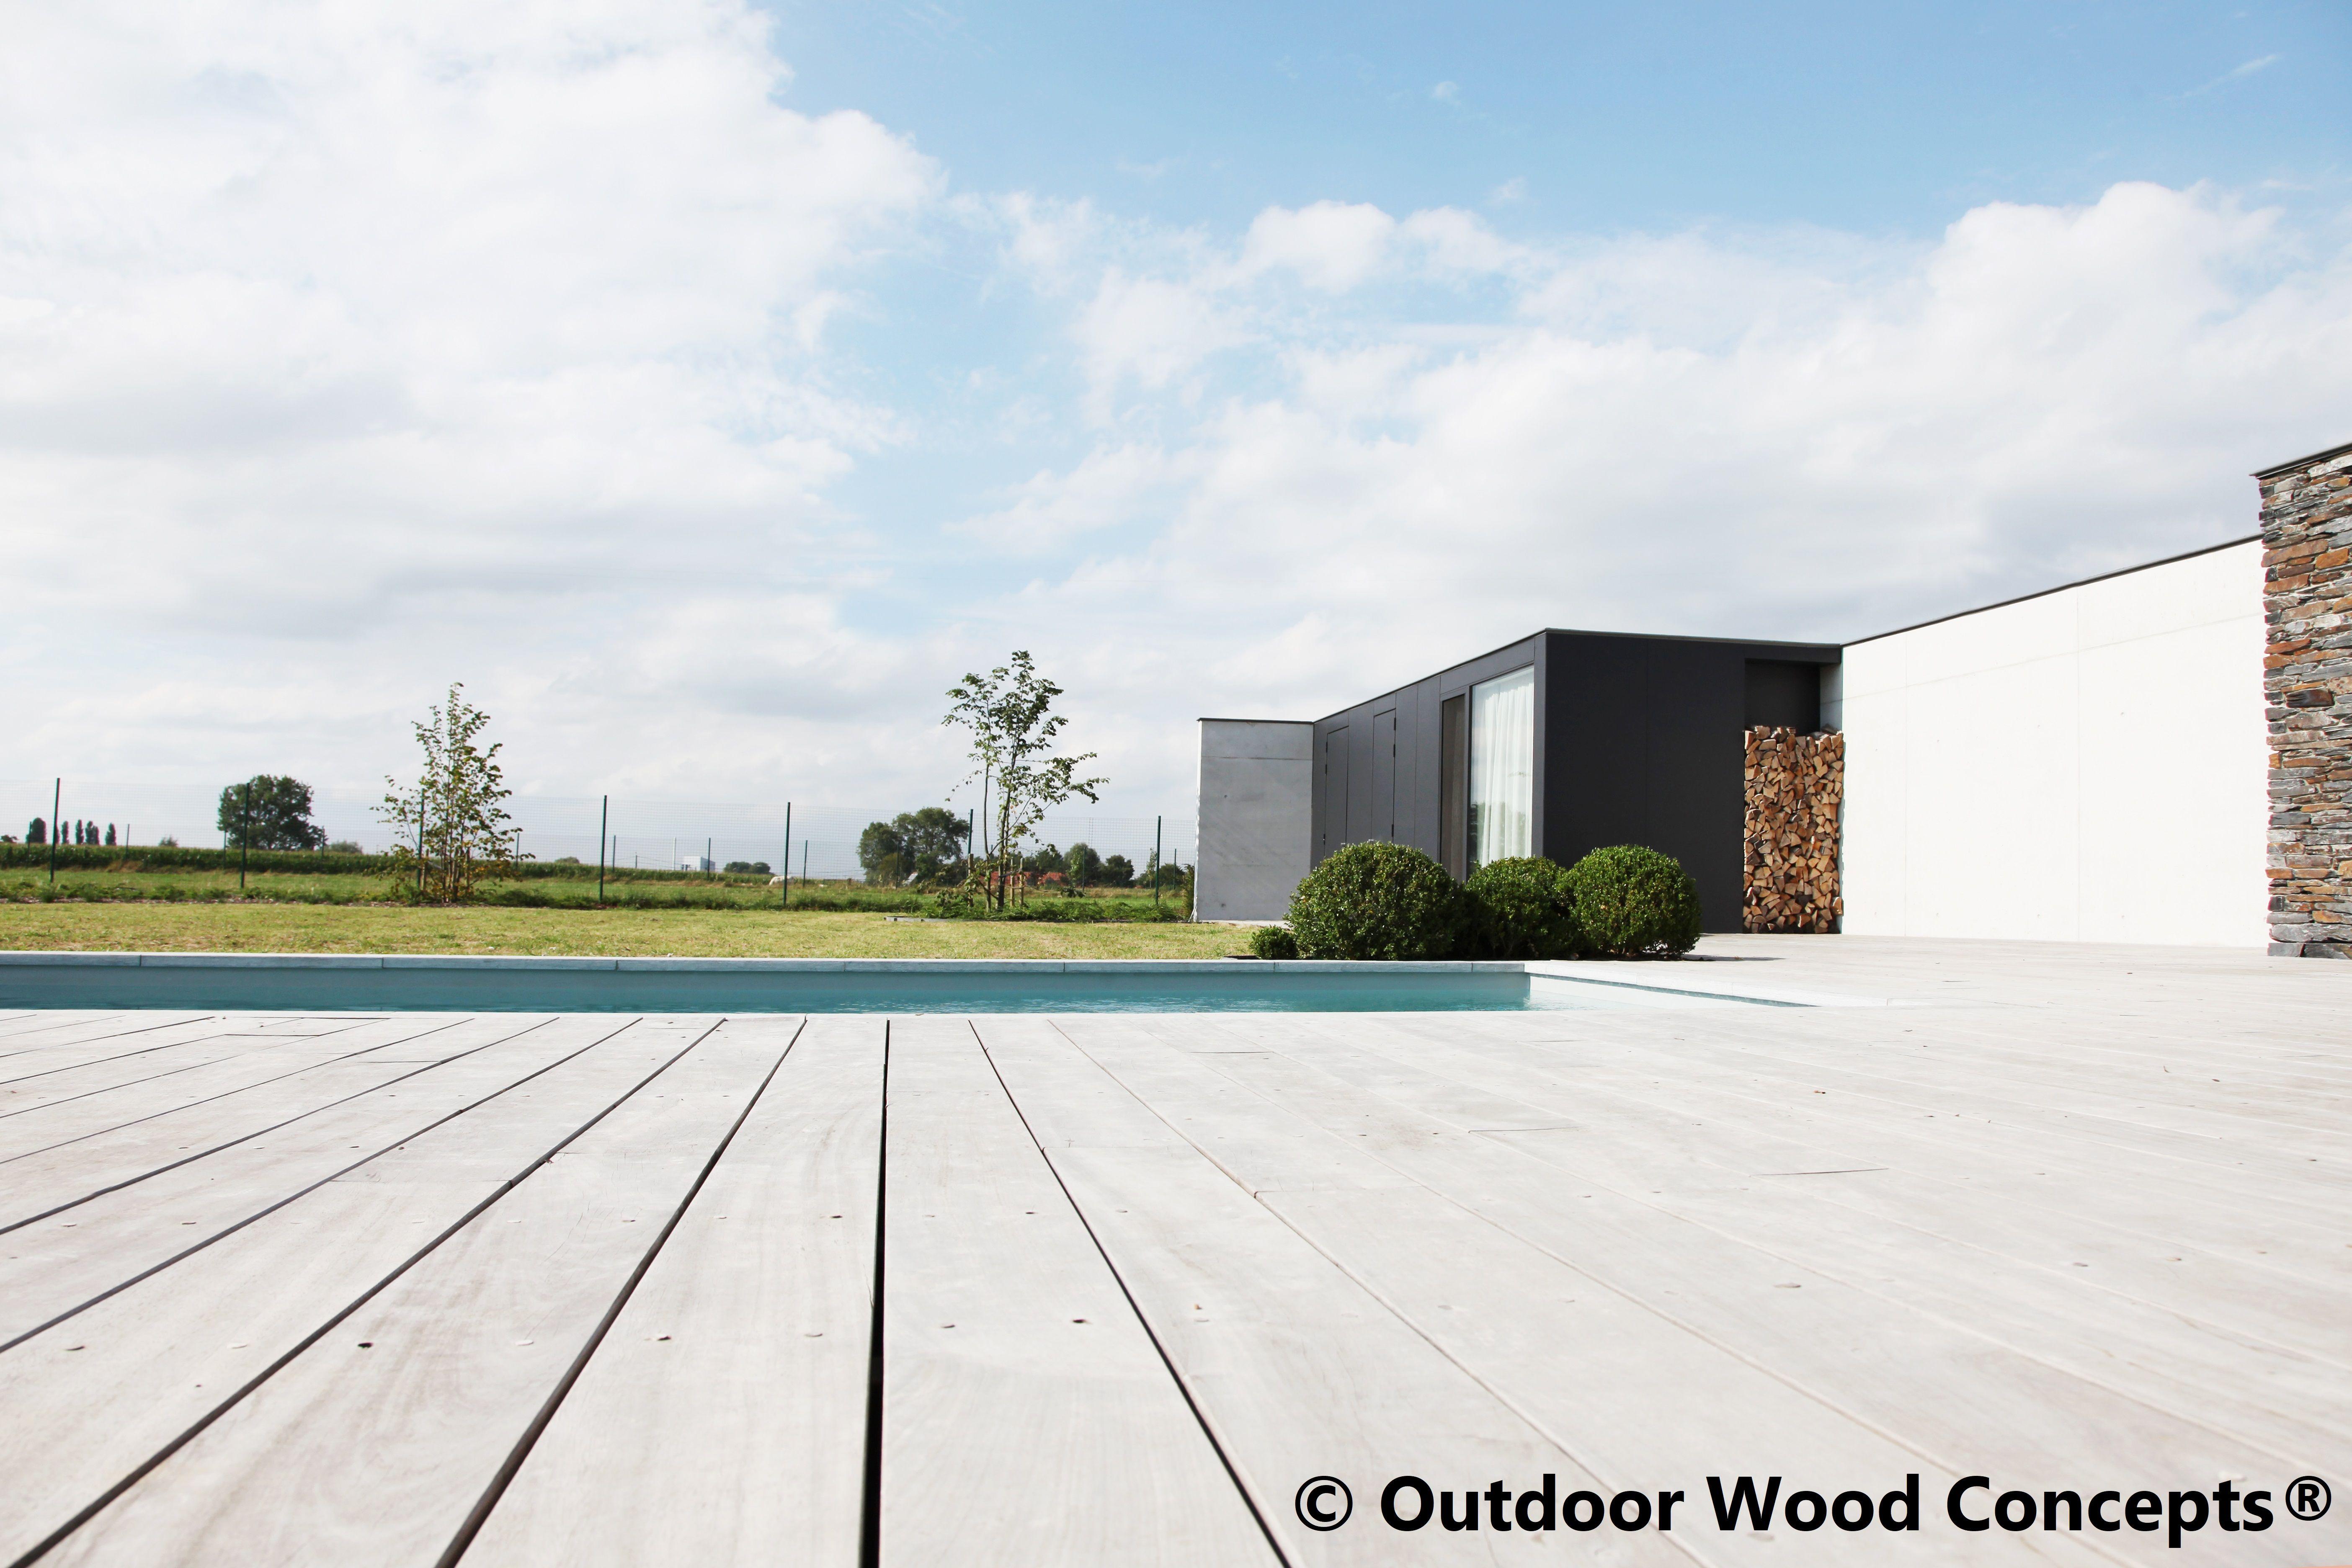 Terras in hardhout hout wood bois terras terrasse terrace design